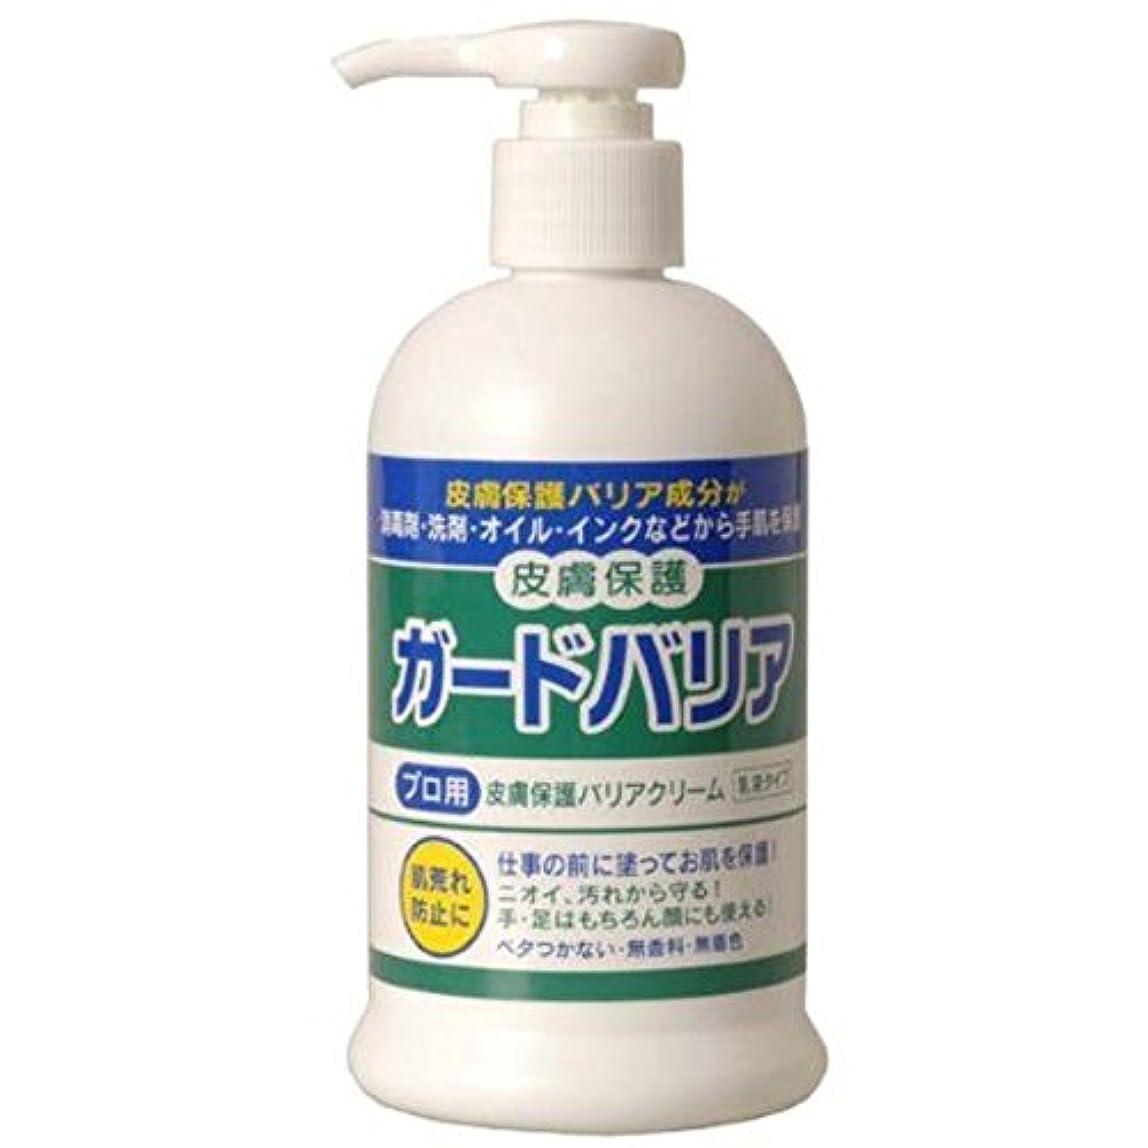 有効化スラッシュヒュームガードバリア【皮膚保護バリアクリーム】プロ用